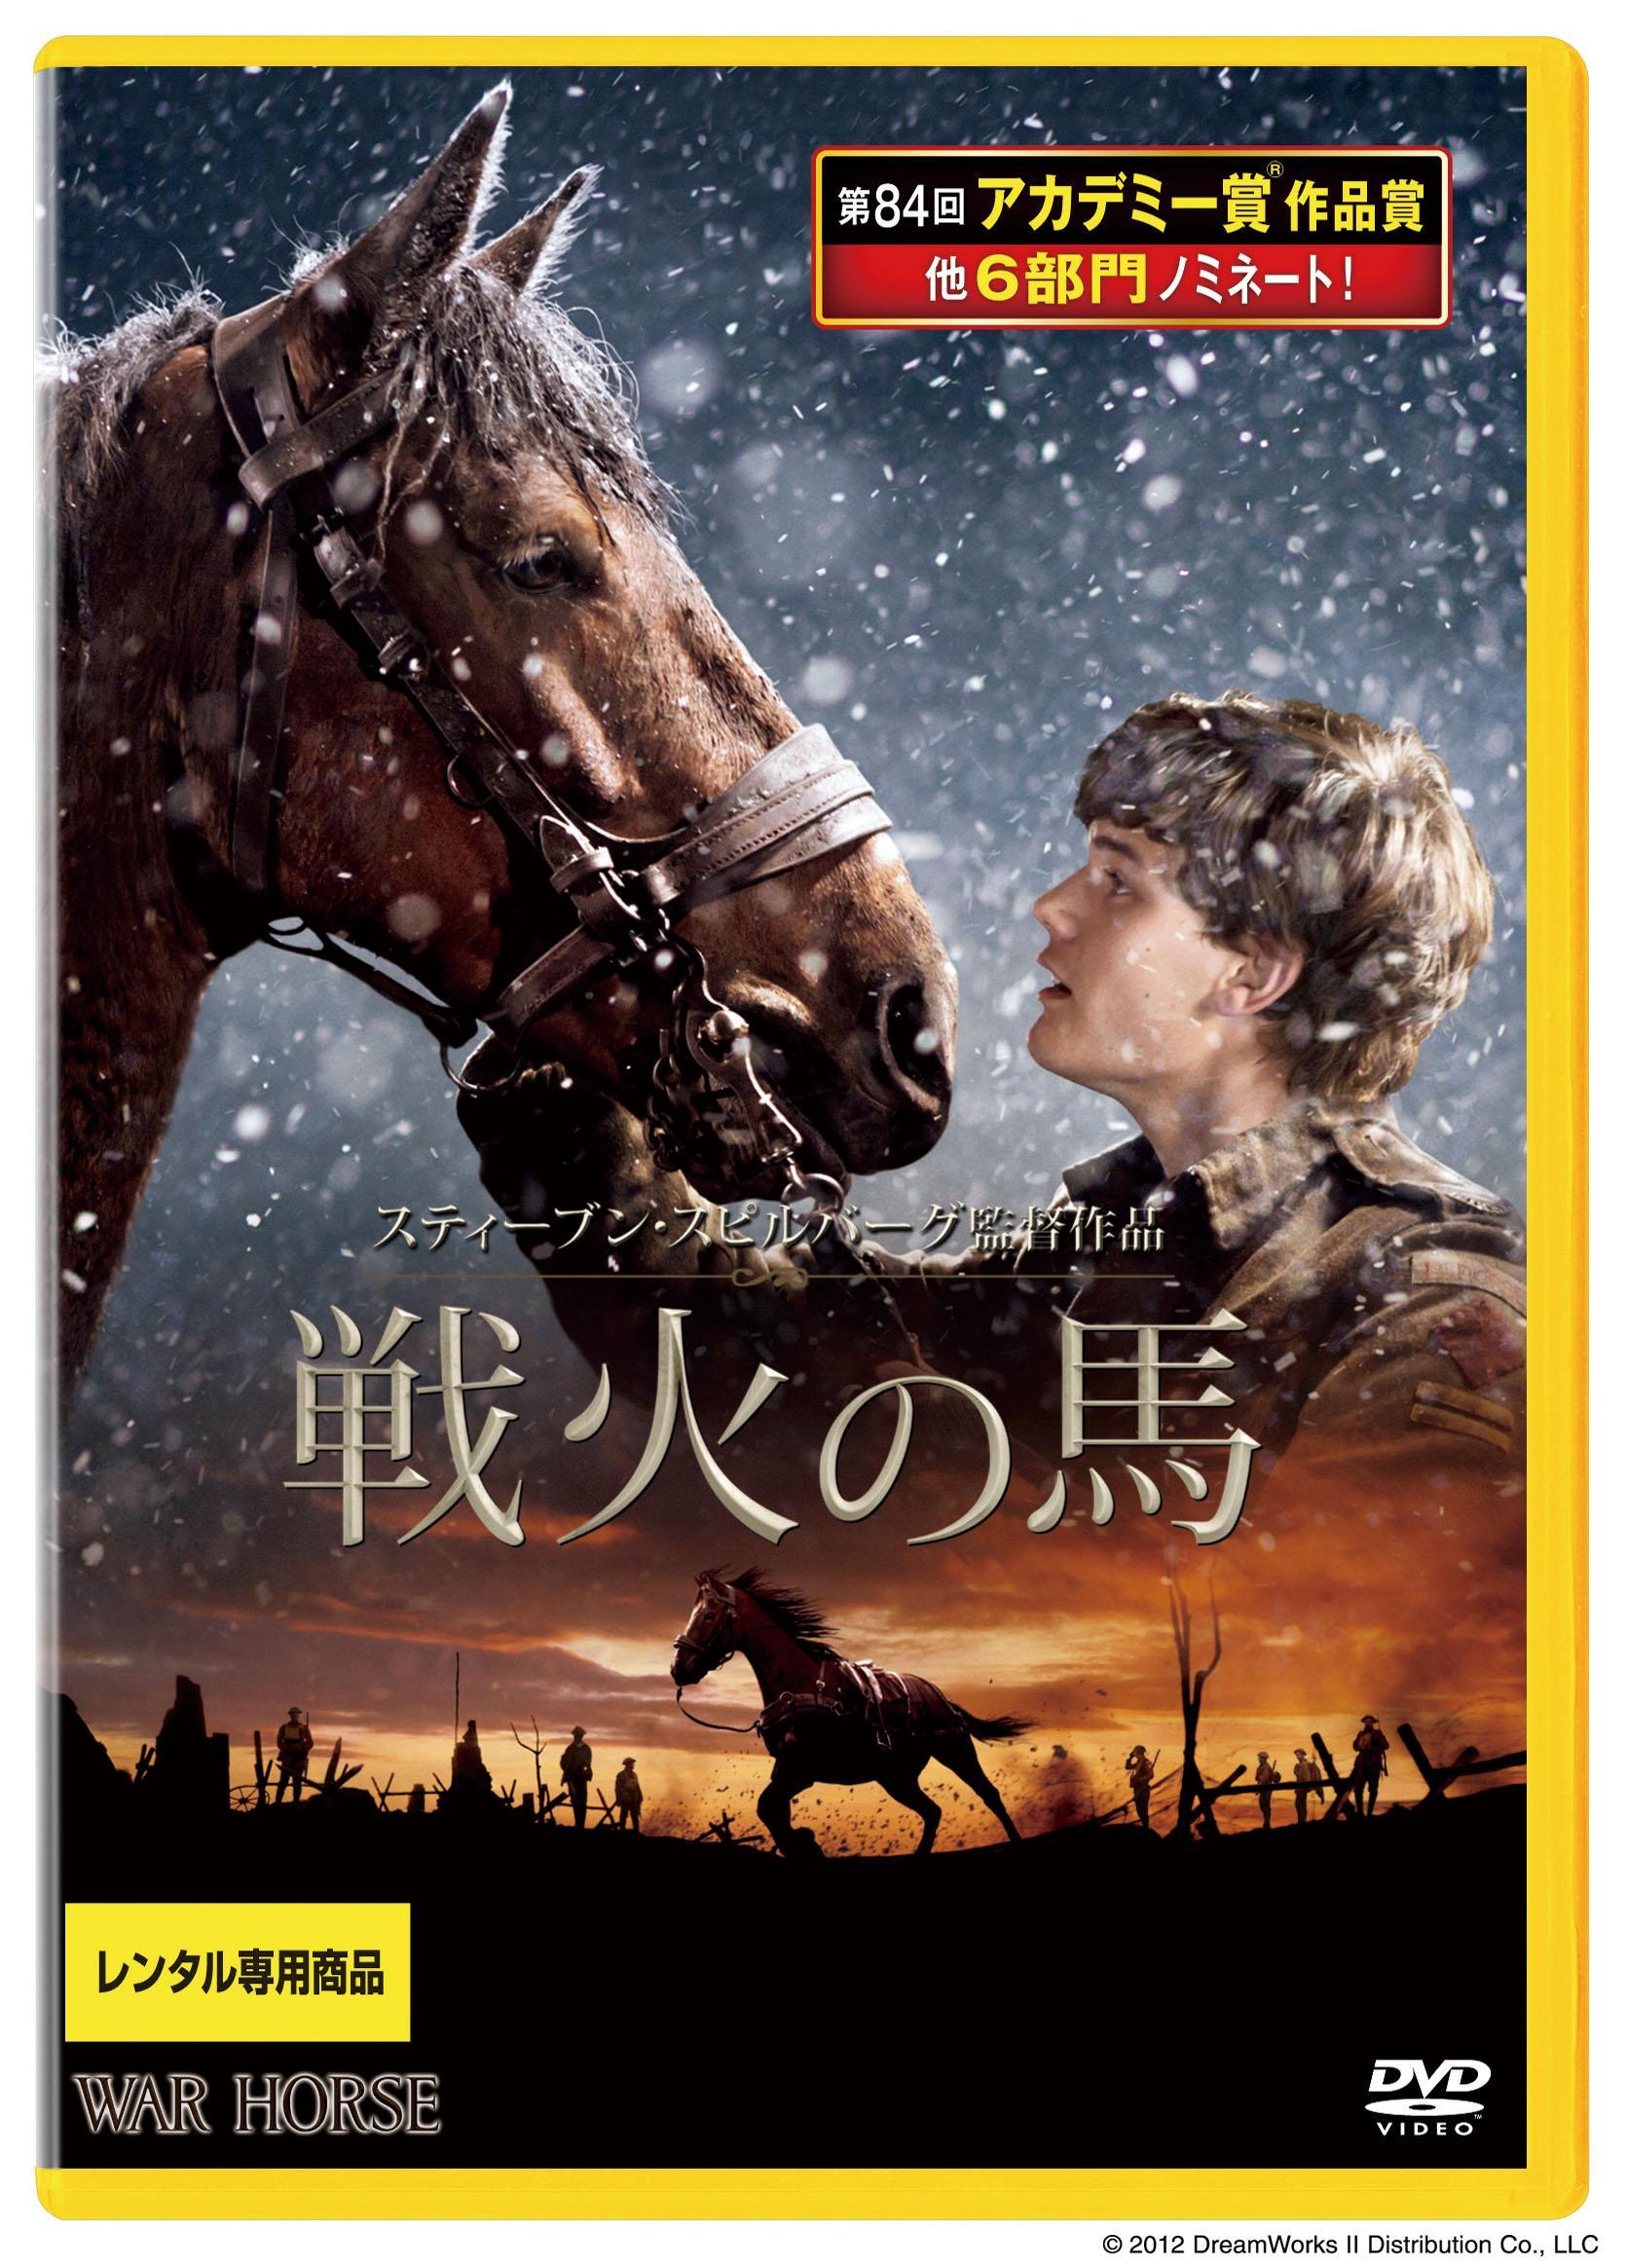 戦火の馬の動画をフル視聴できる配信サービス14社比較!